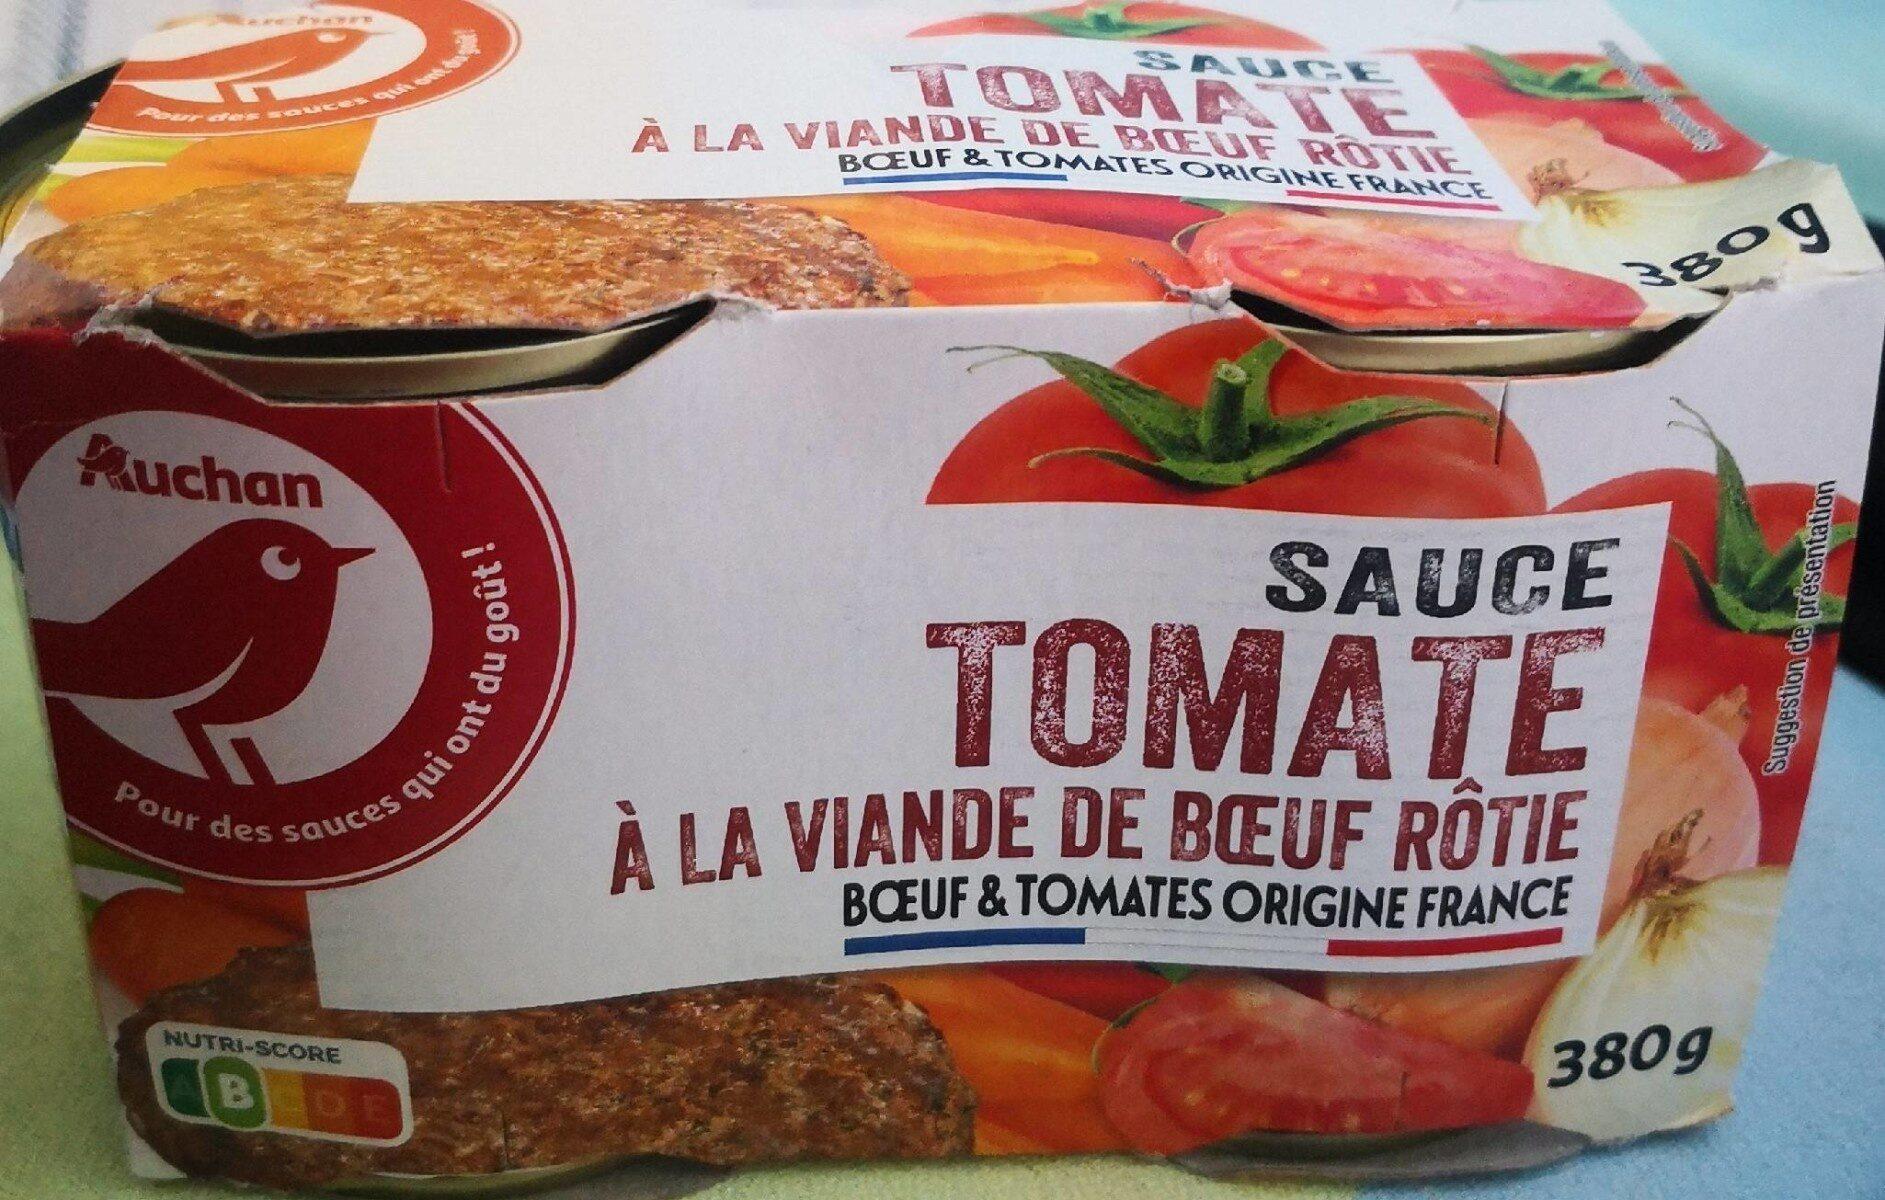 Sauce tomate à la viande de boeuf rôtie - Produit - fr